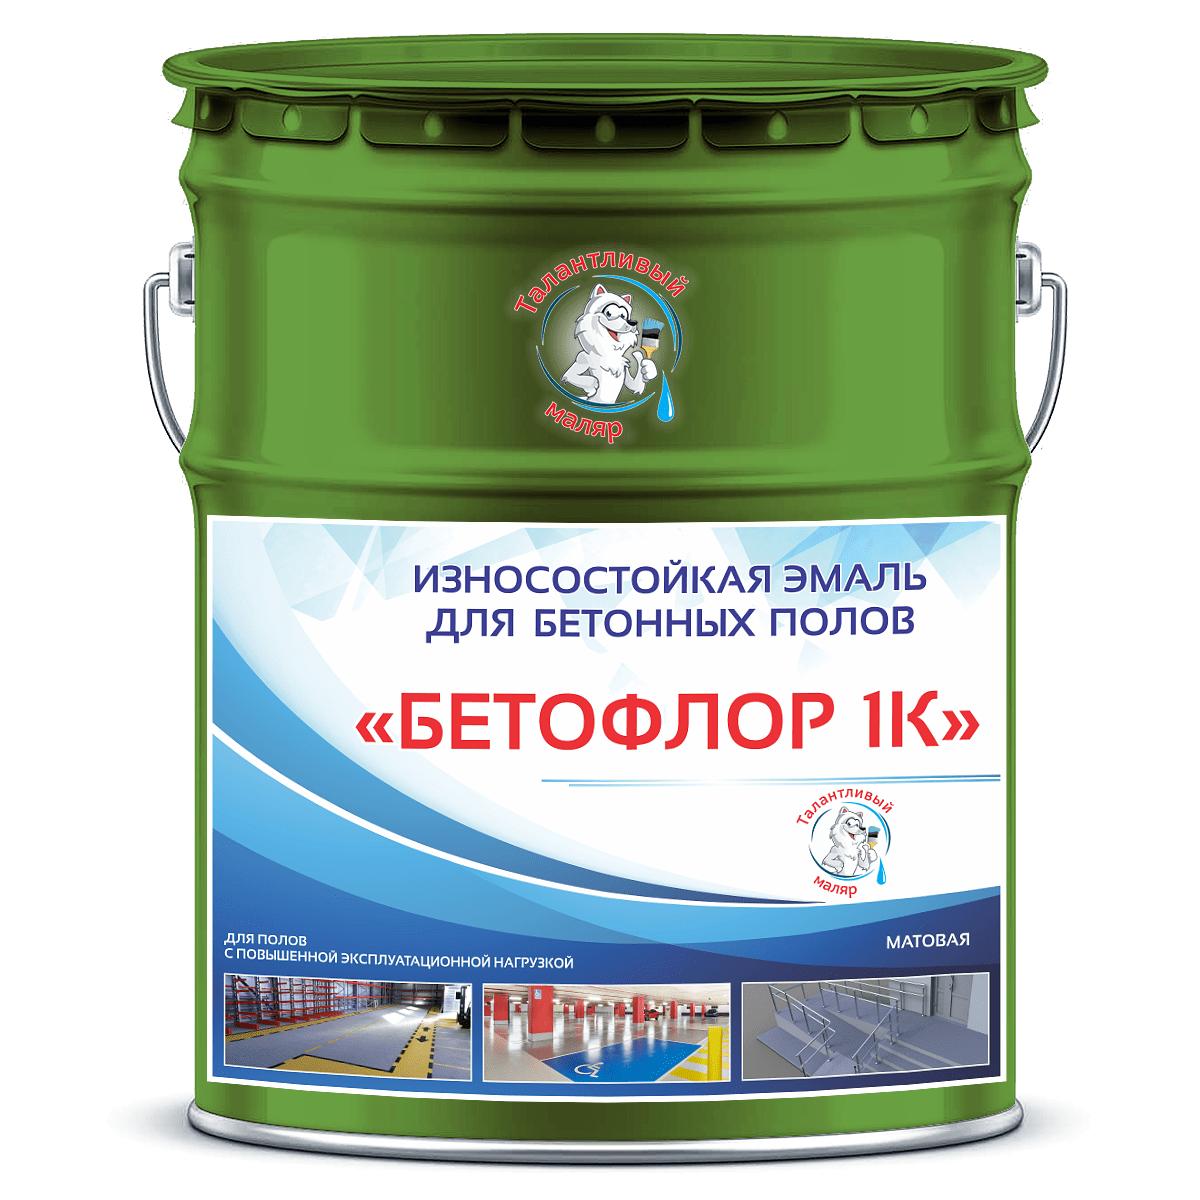 """Фото 11 - BF6010 Эмаль для бетонных полов """"Бетофлор"""" 1К цвет RAL 6010 Зеленая трава, матовая износостойкая, 25 кг """"Талантливый Маляр""""."""